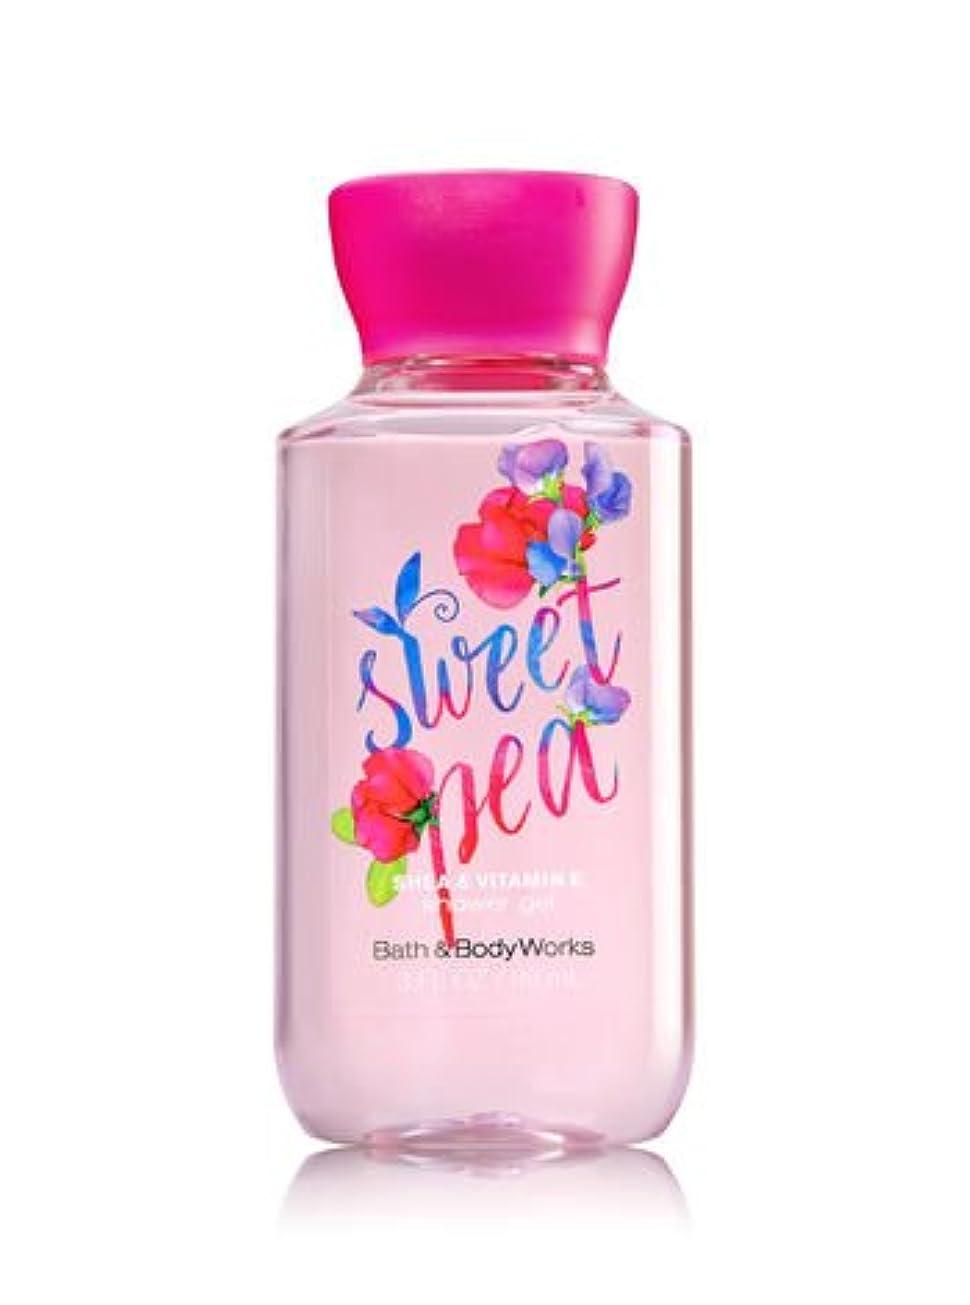 締め切り啓発する市の花バス&ボディワークス スイトピーシャワージェル トラベルサイズ Sweet pea shower gel Travel-Size [並行輸入品]